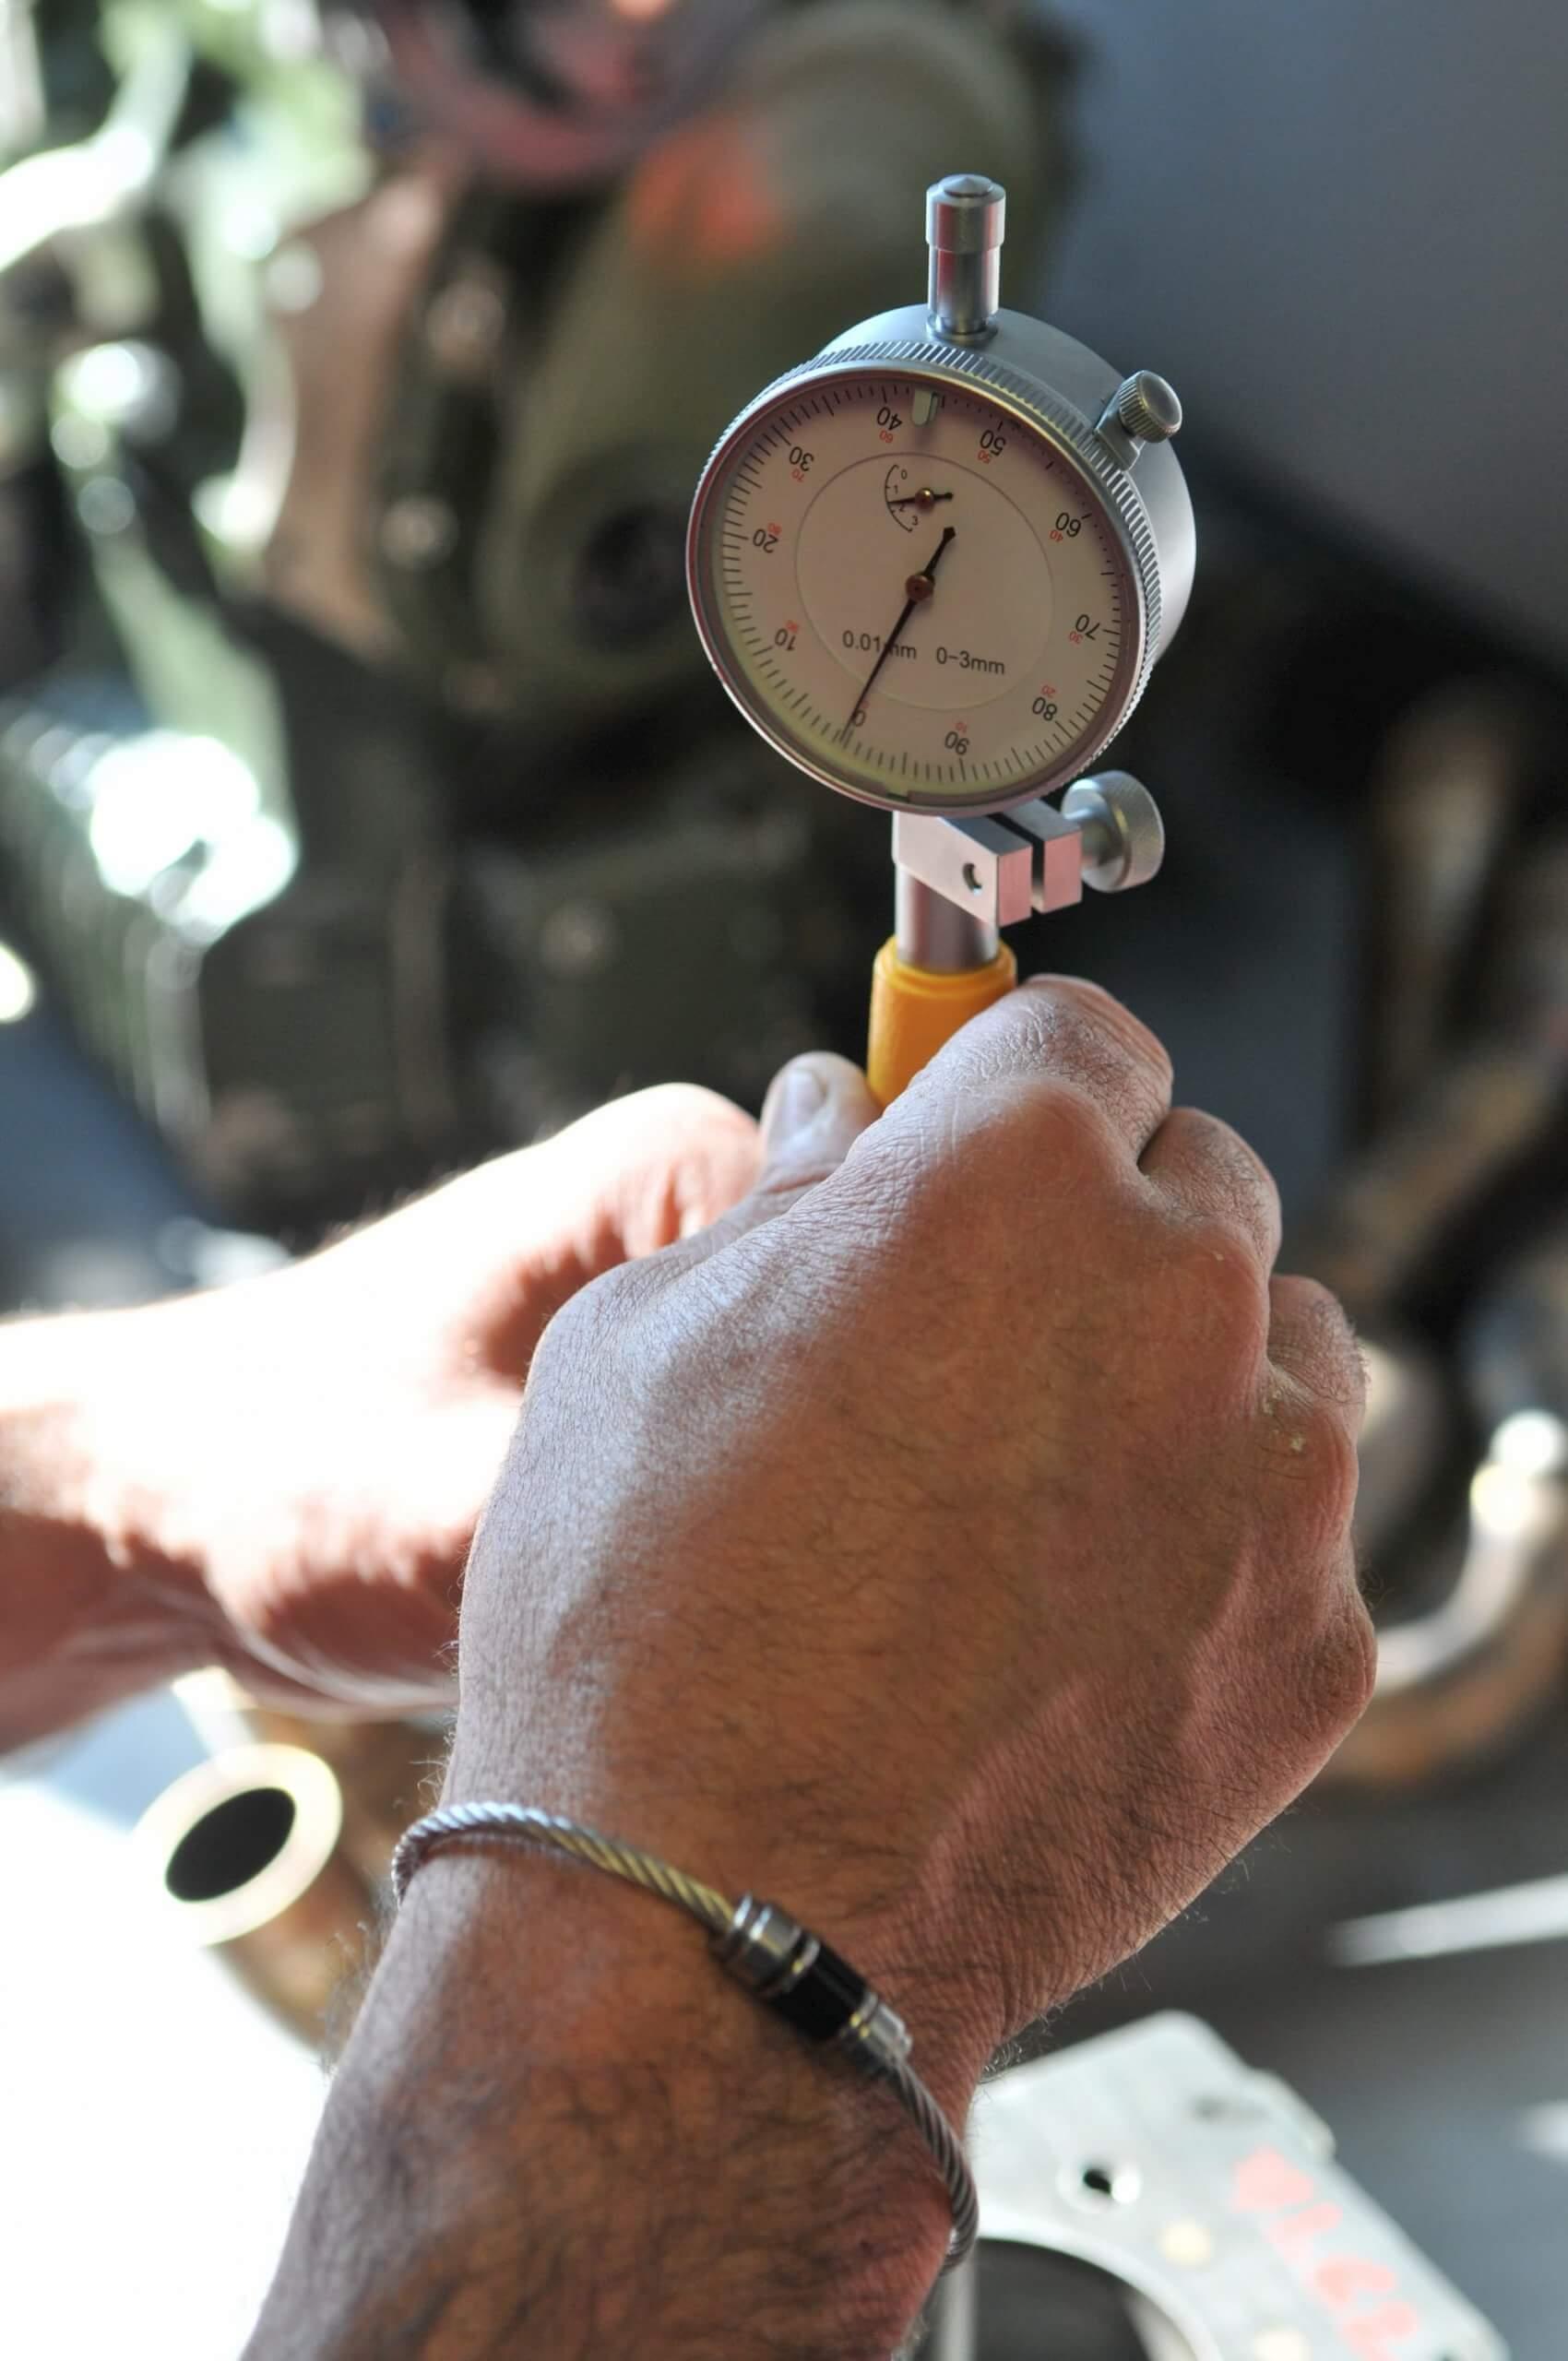 Calcul du volume de chambre de combustion et culasse - Garage des Damiers - race engineering